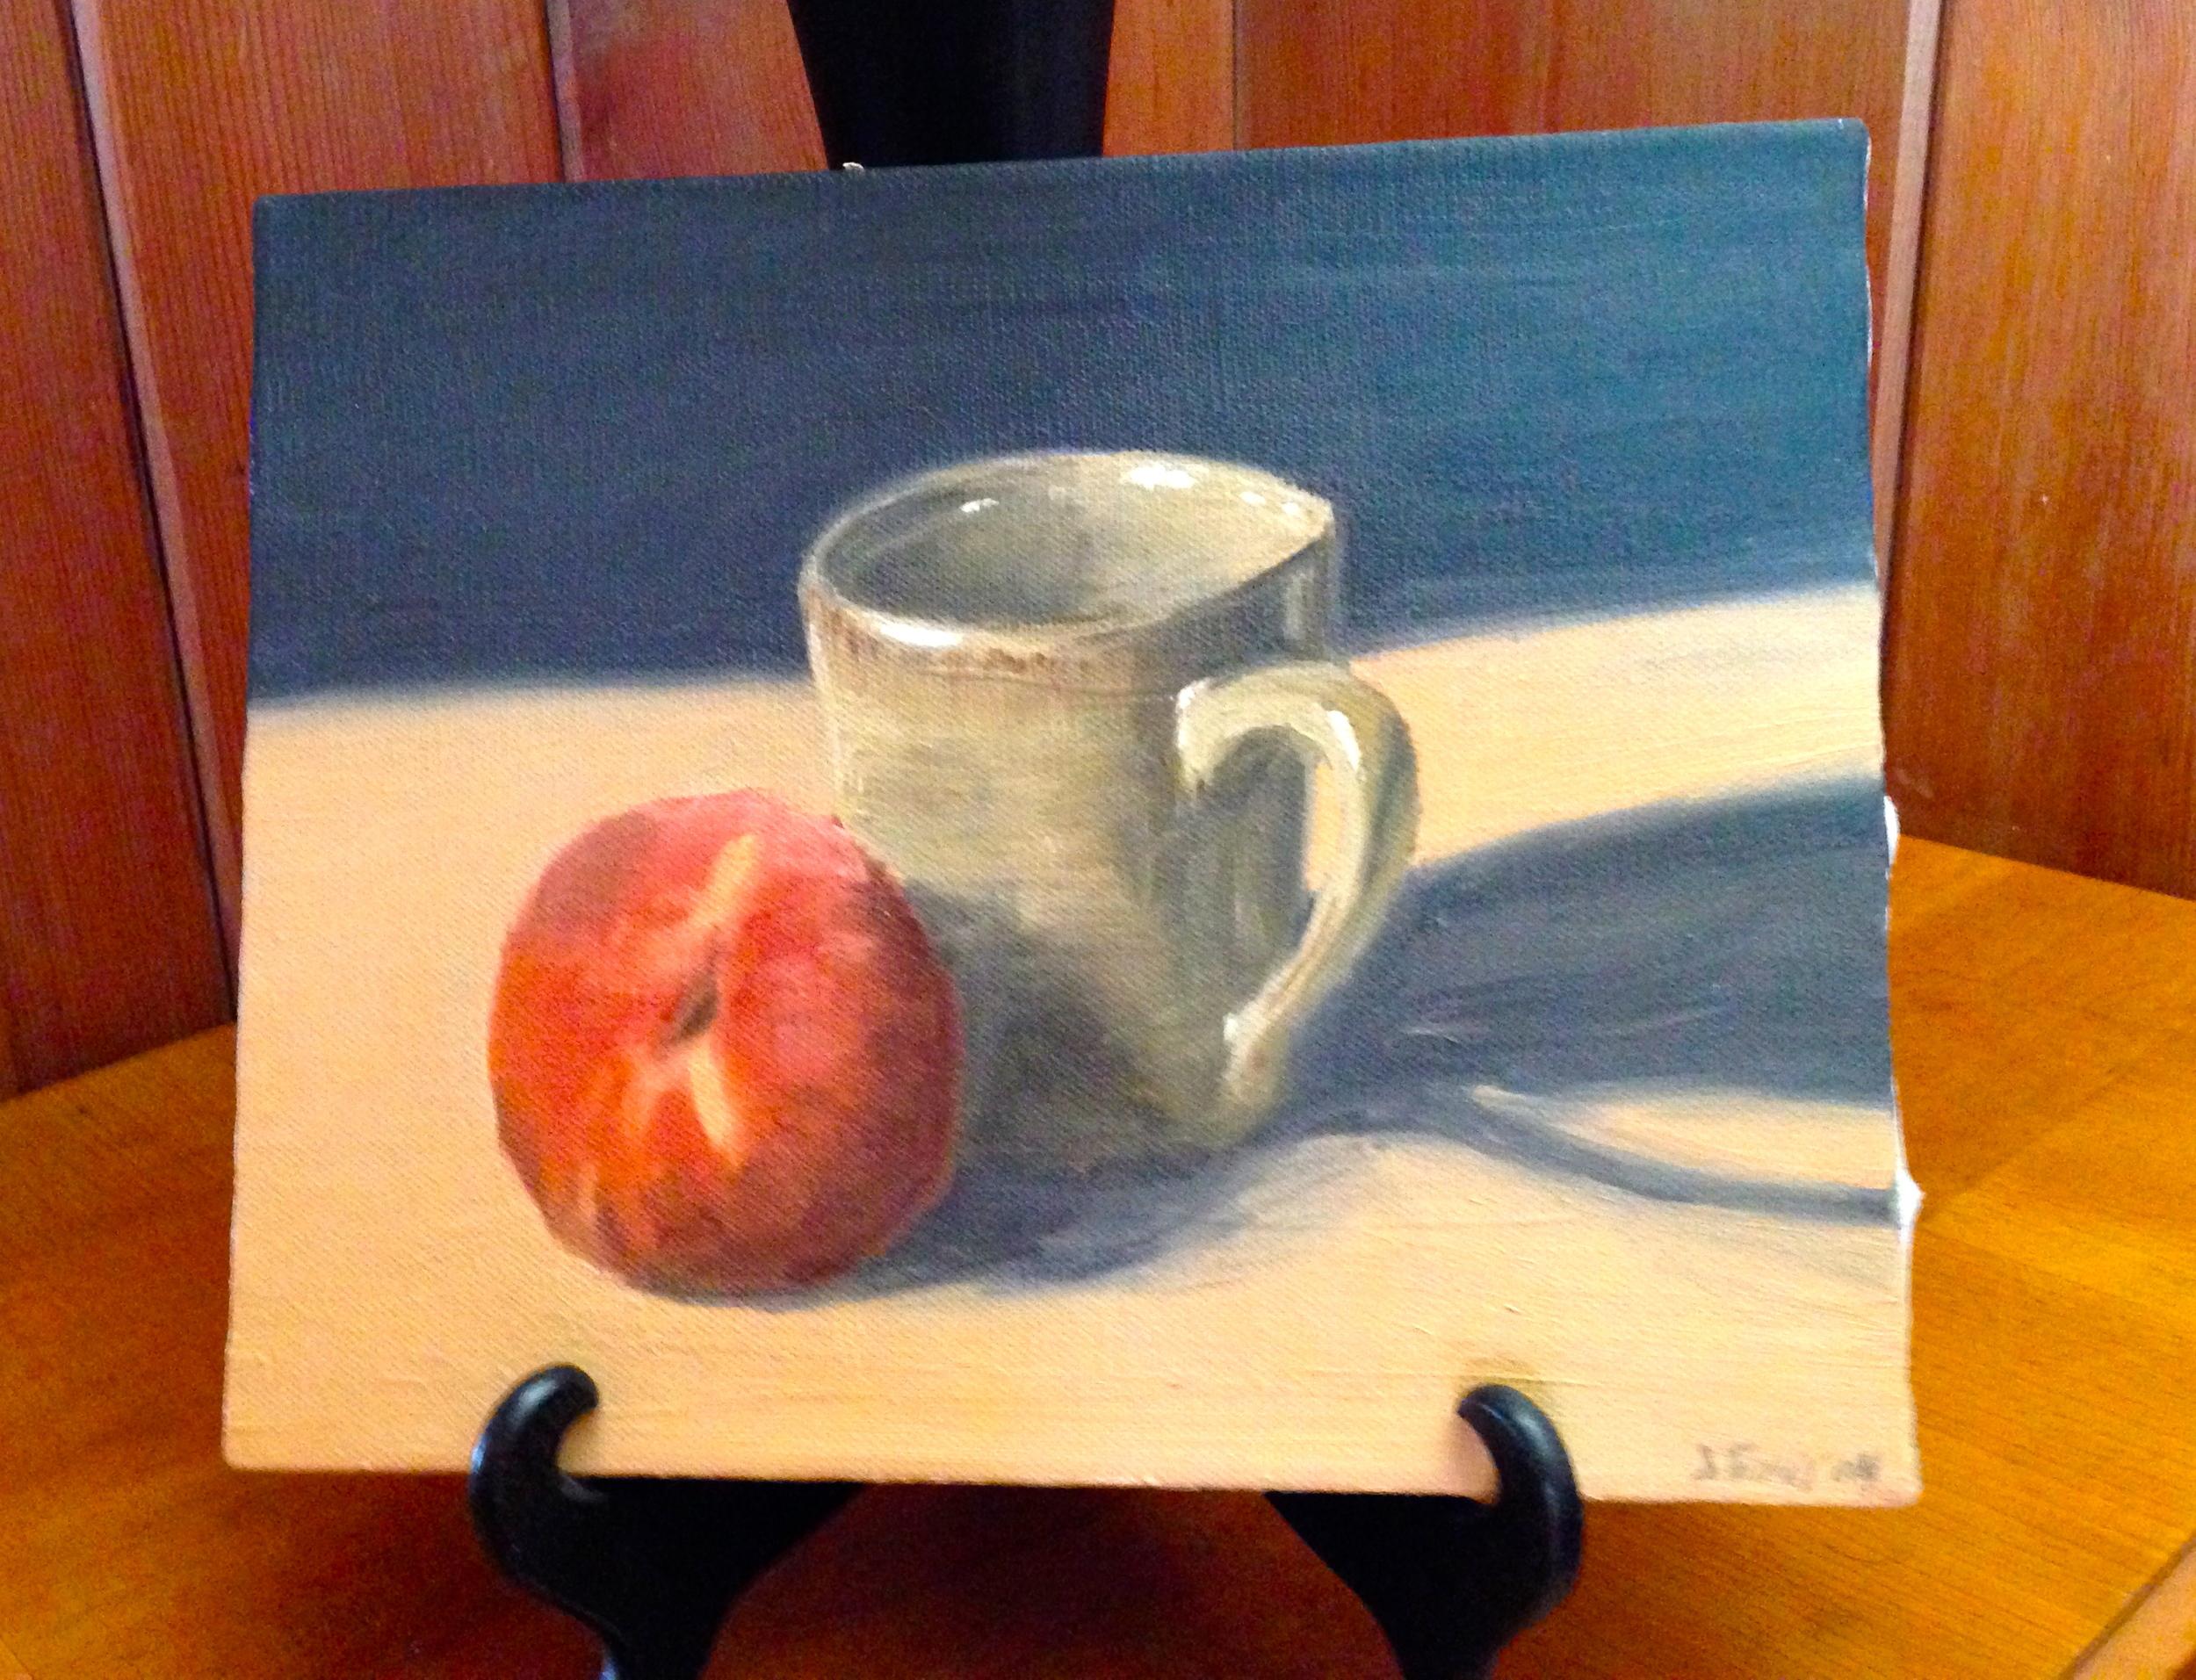 Still life painted by my husband, J. Tony Smith